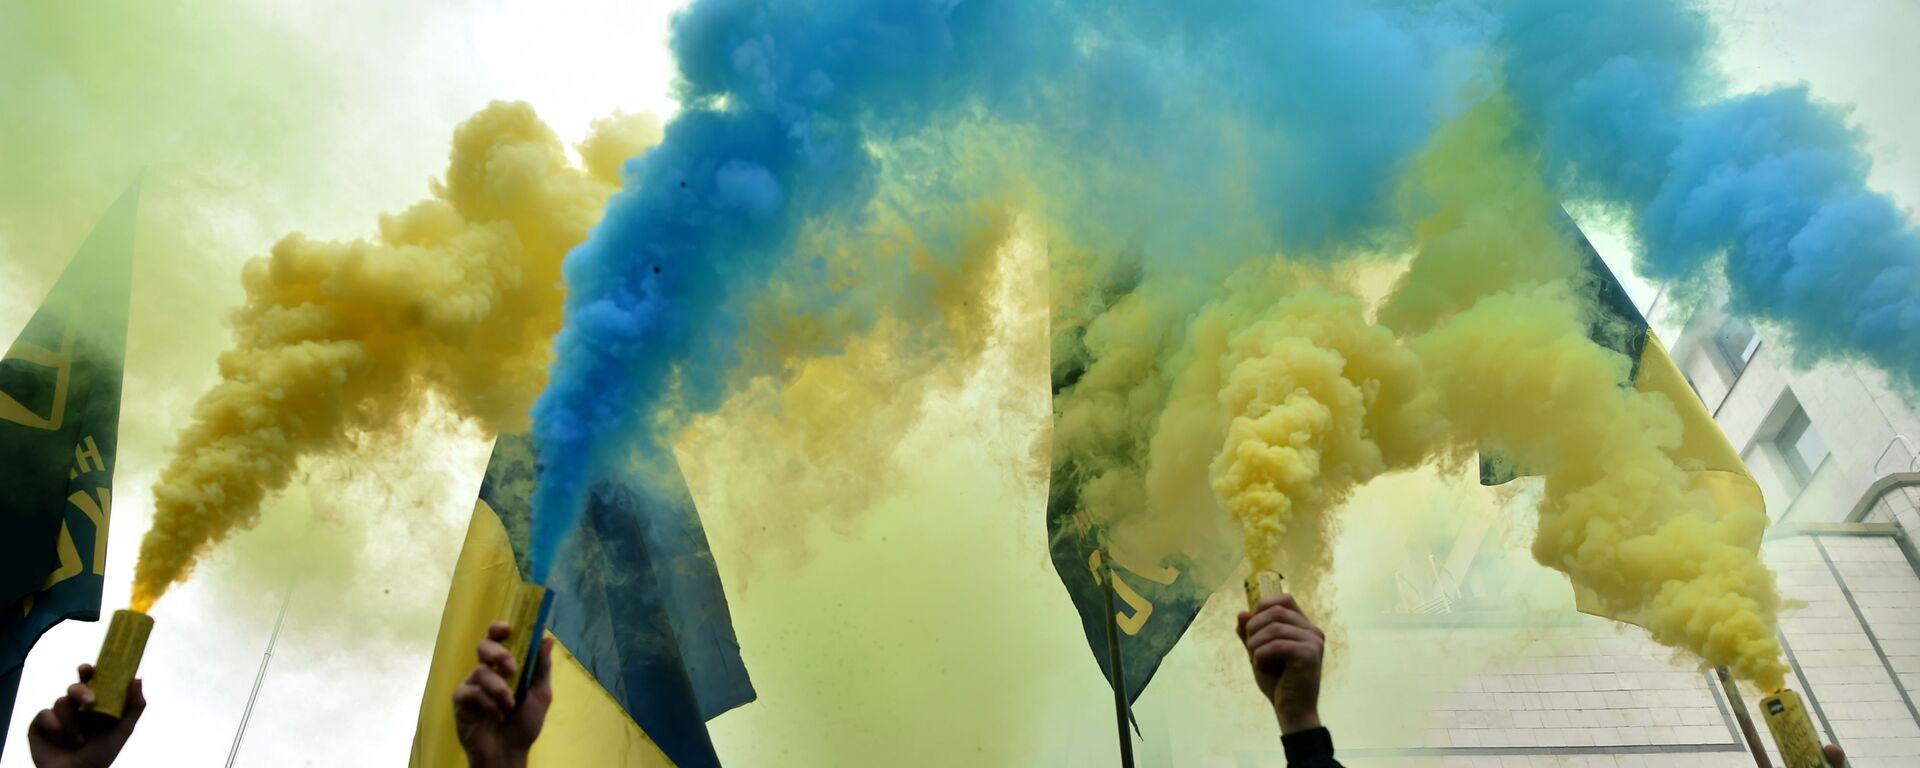 Протесты в Киеве, Украина, ноябрь 2020 - Sputnik Узбекистан, 1920, 03.09.2021